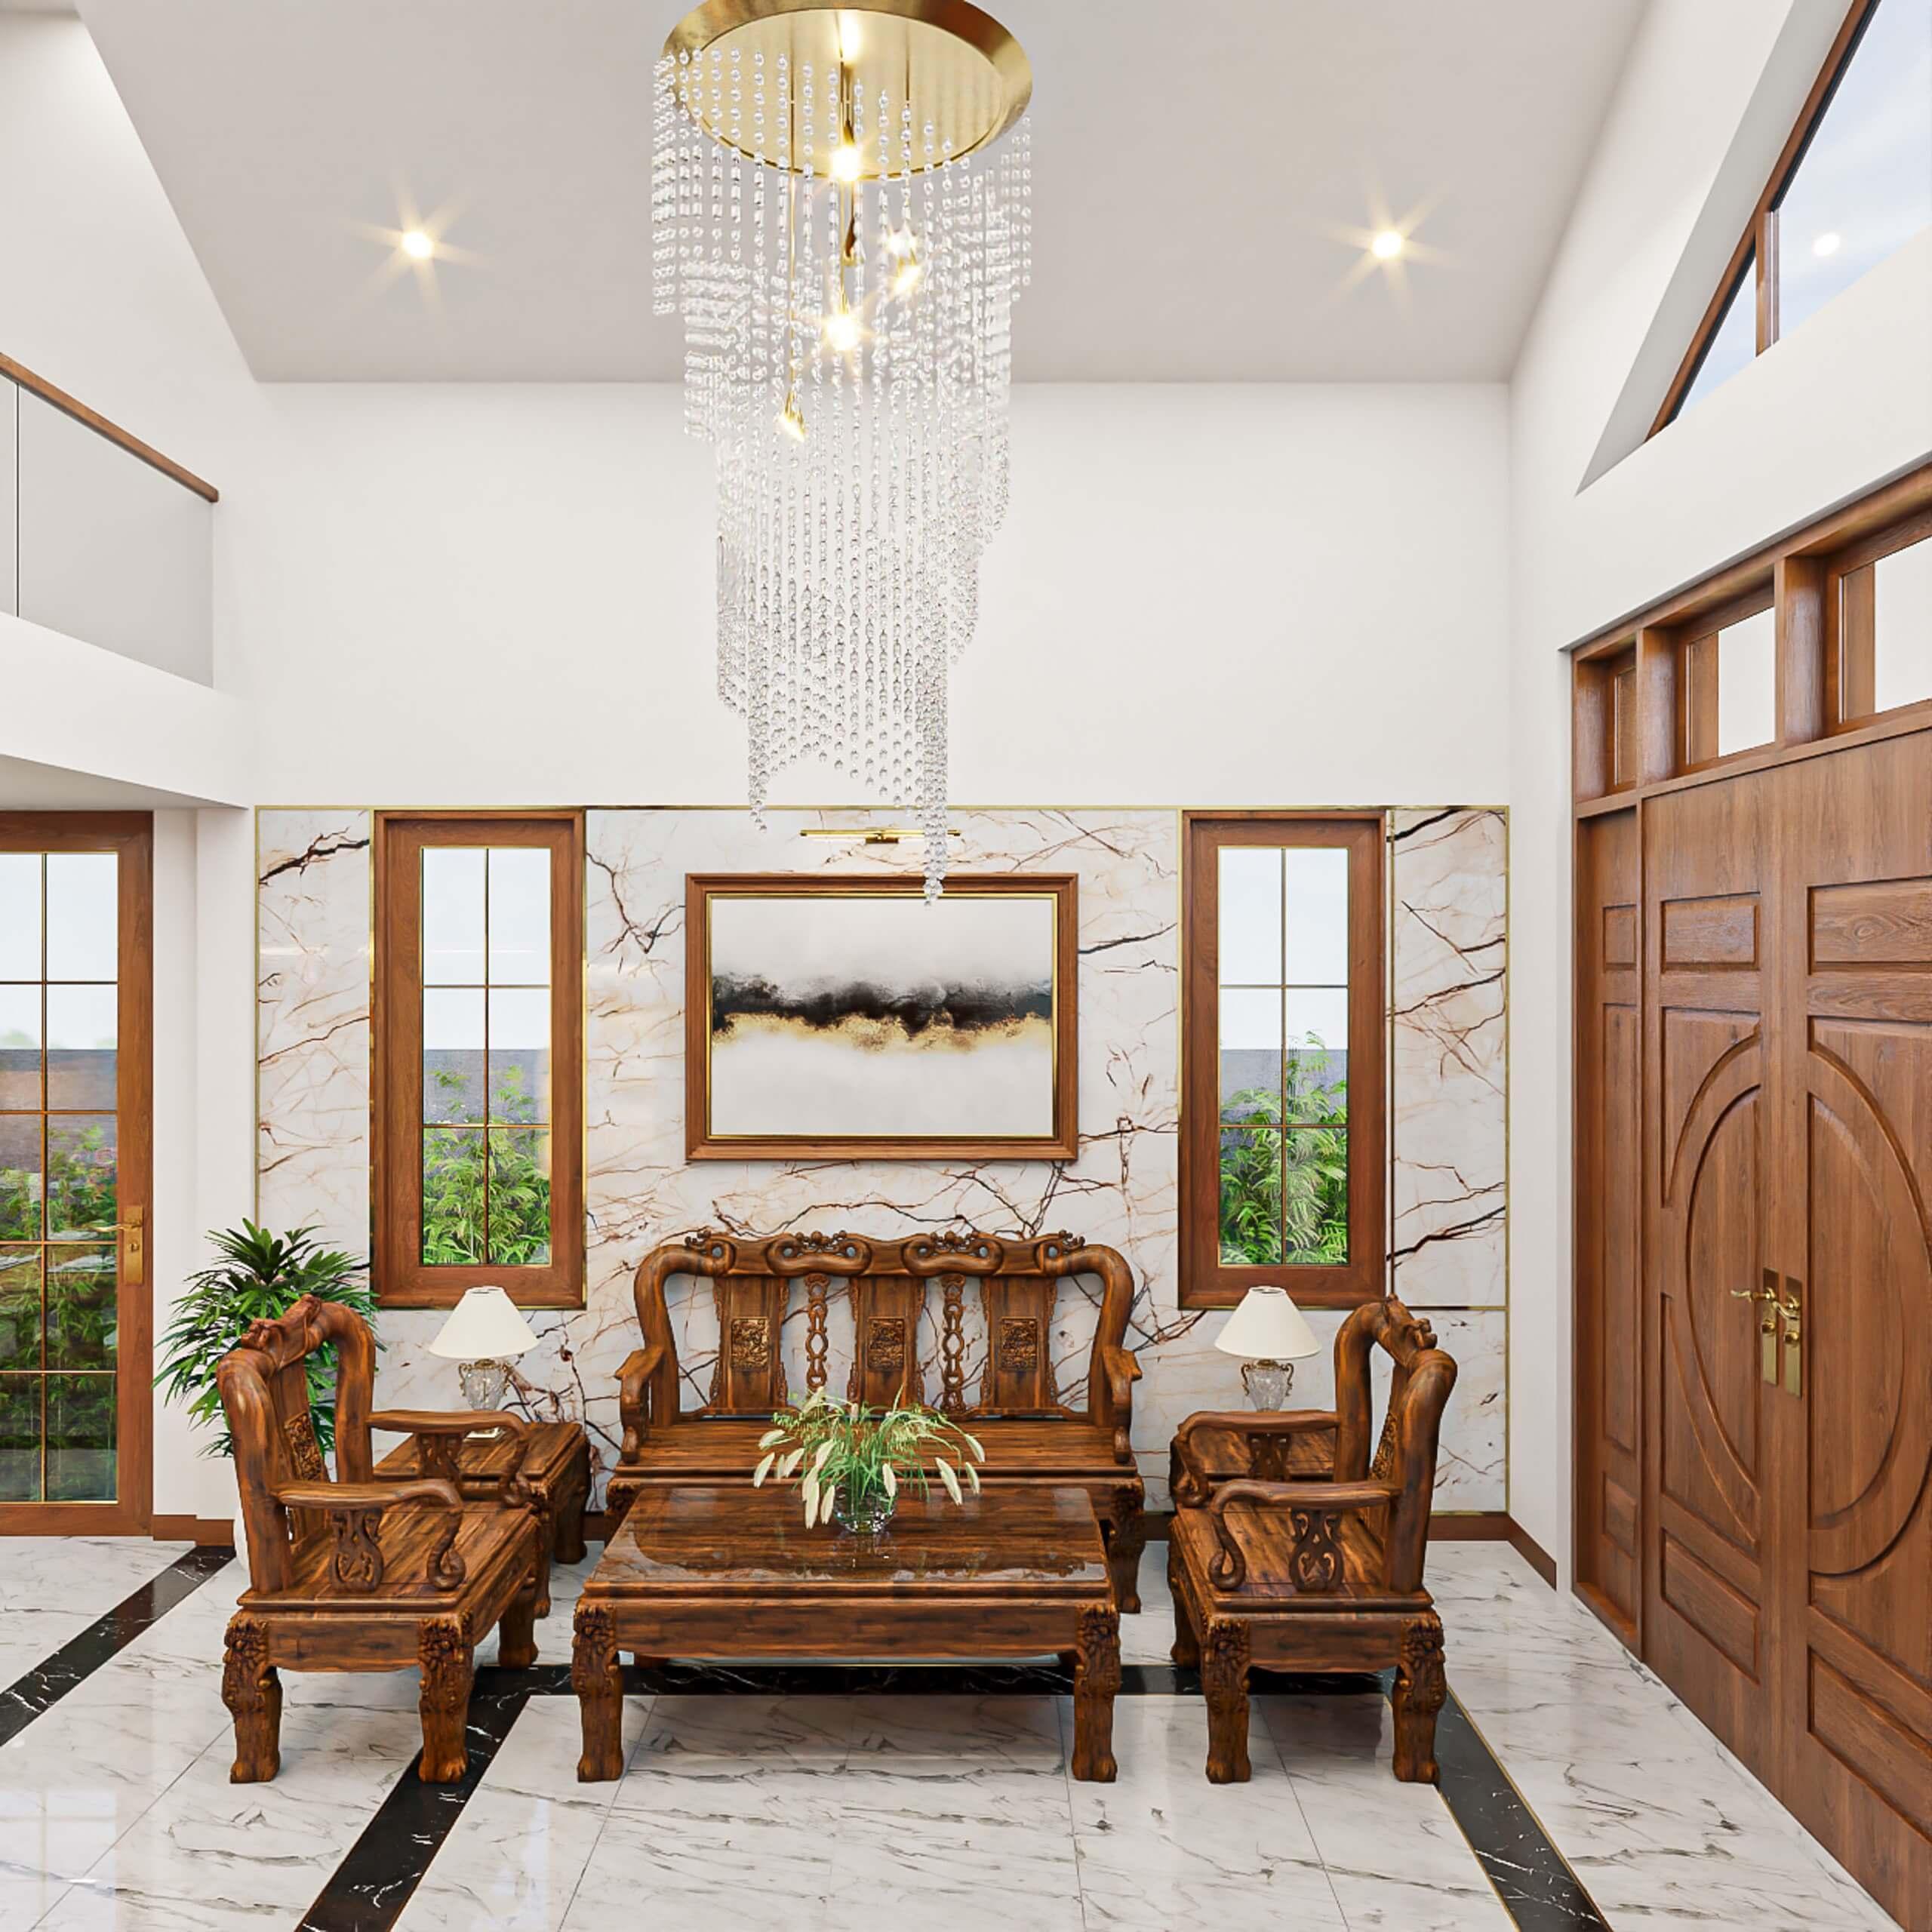 2021 KingHome hứa hẹn giúp đỡ 100 khách hàng có nhà đẹp 700 triệu